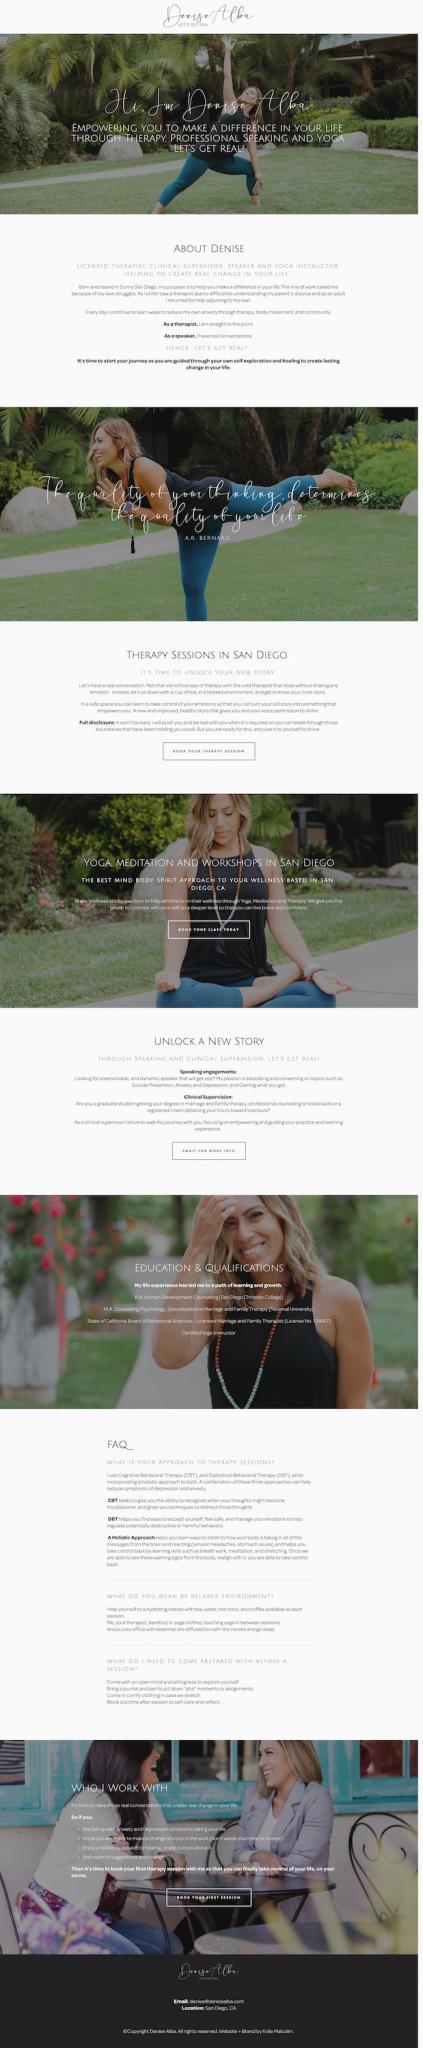 Therapist squarespace website design - DENISE ALBA